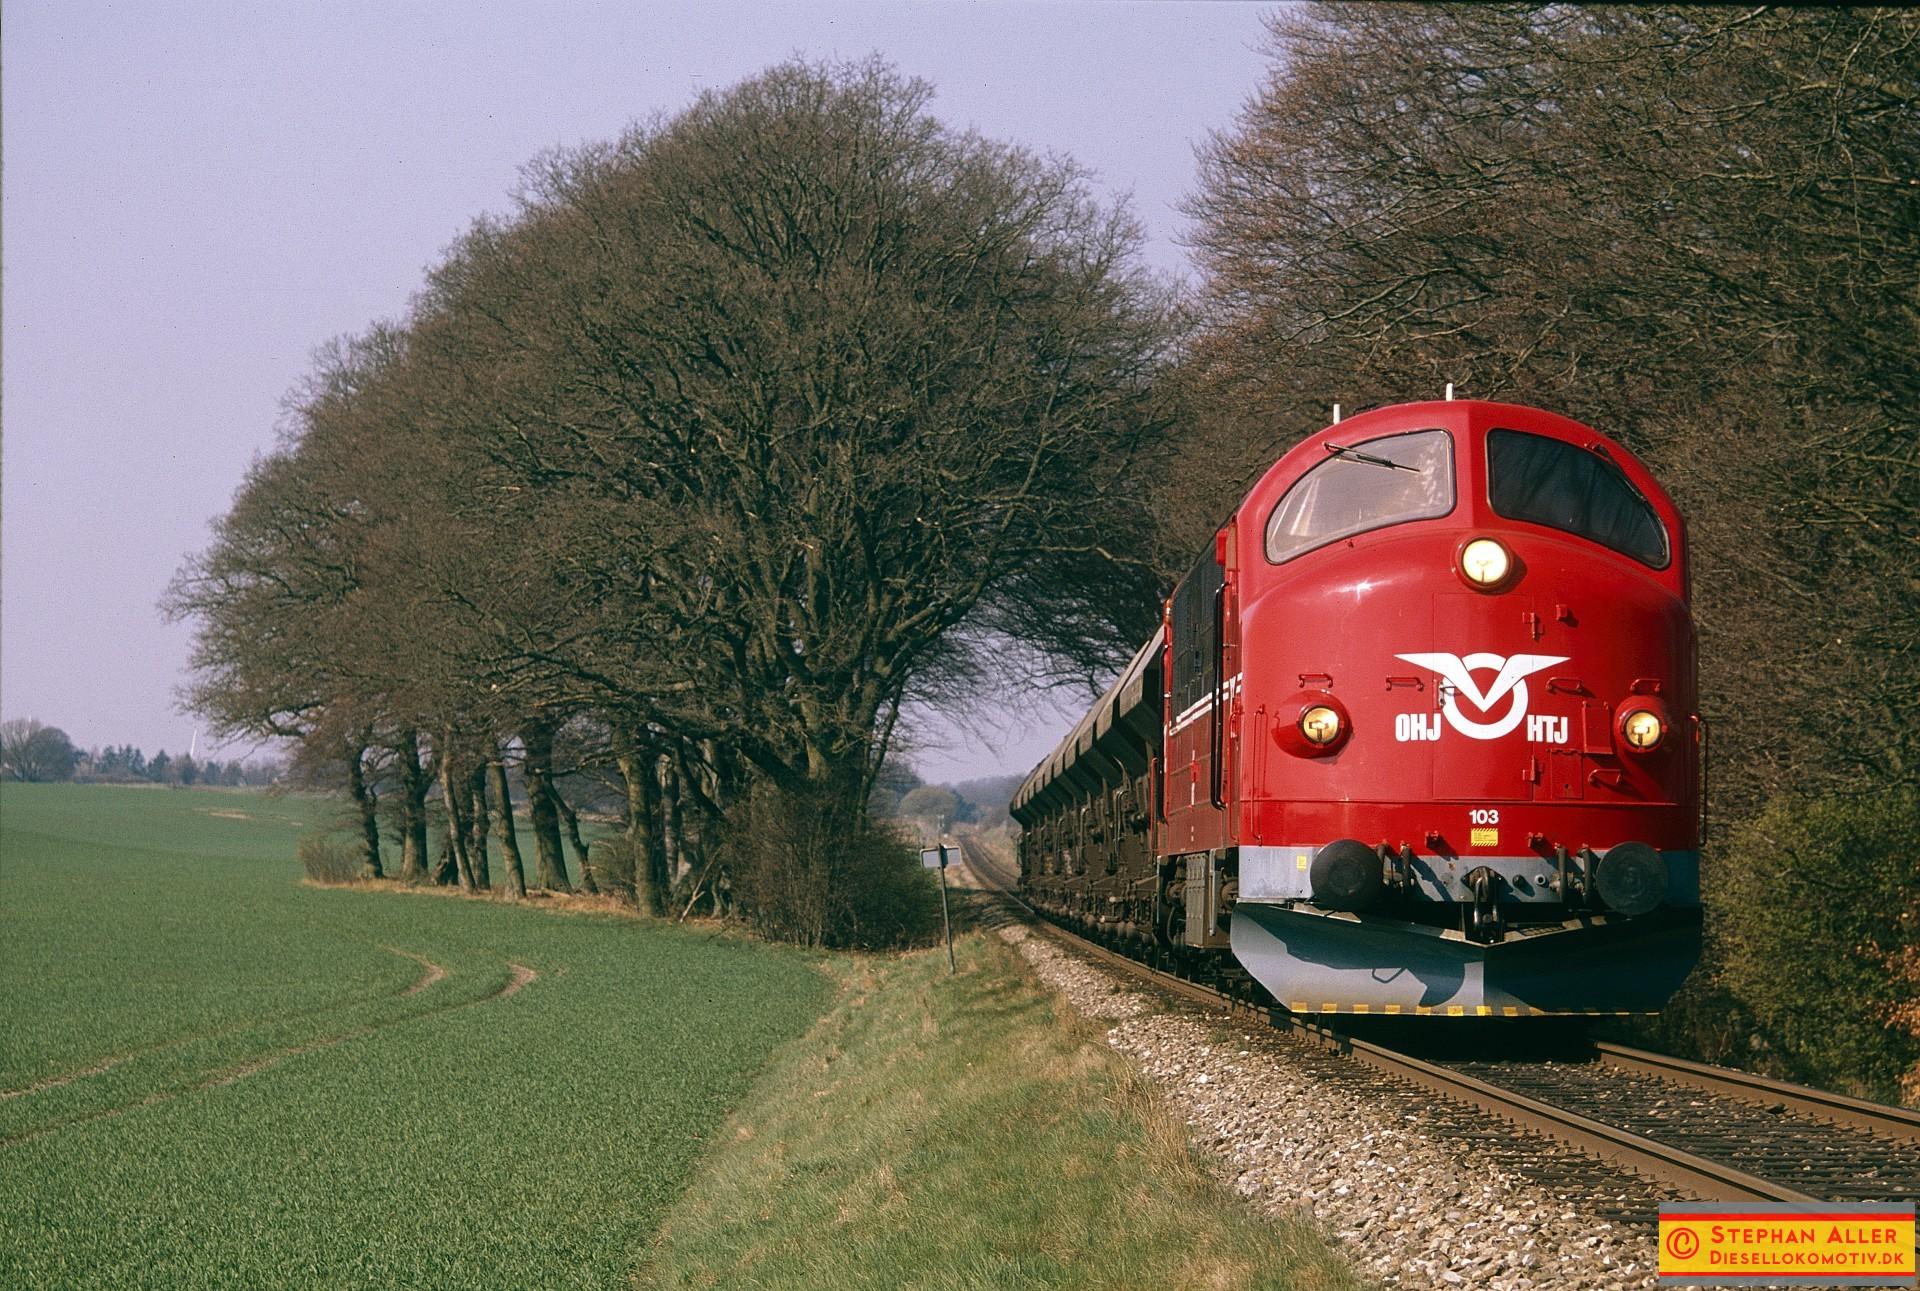 FP4475r